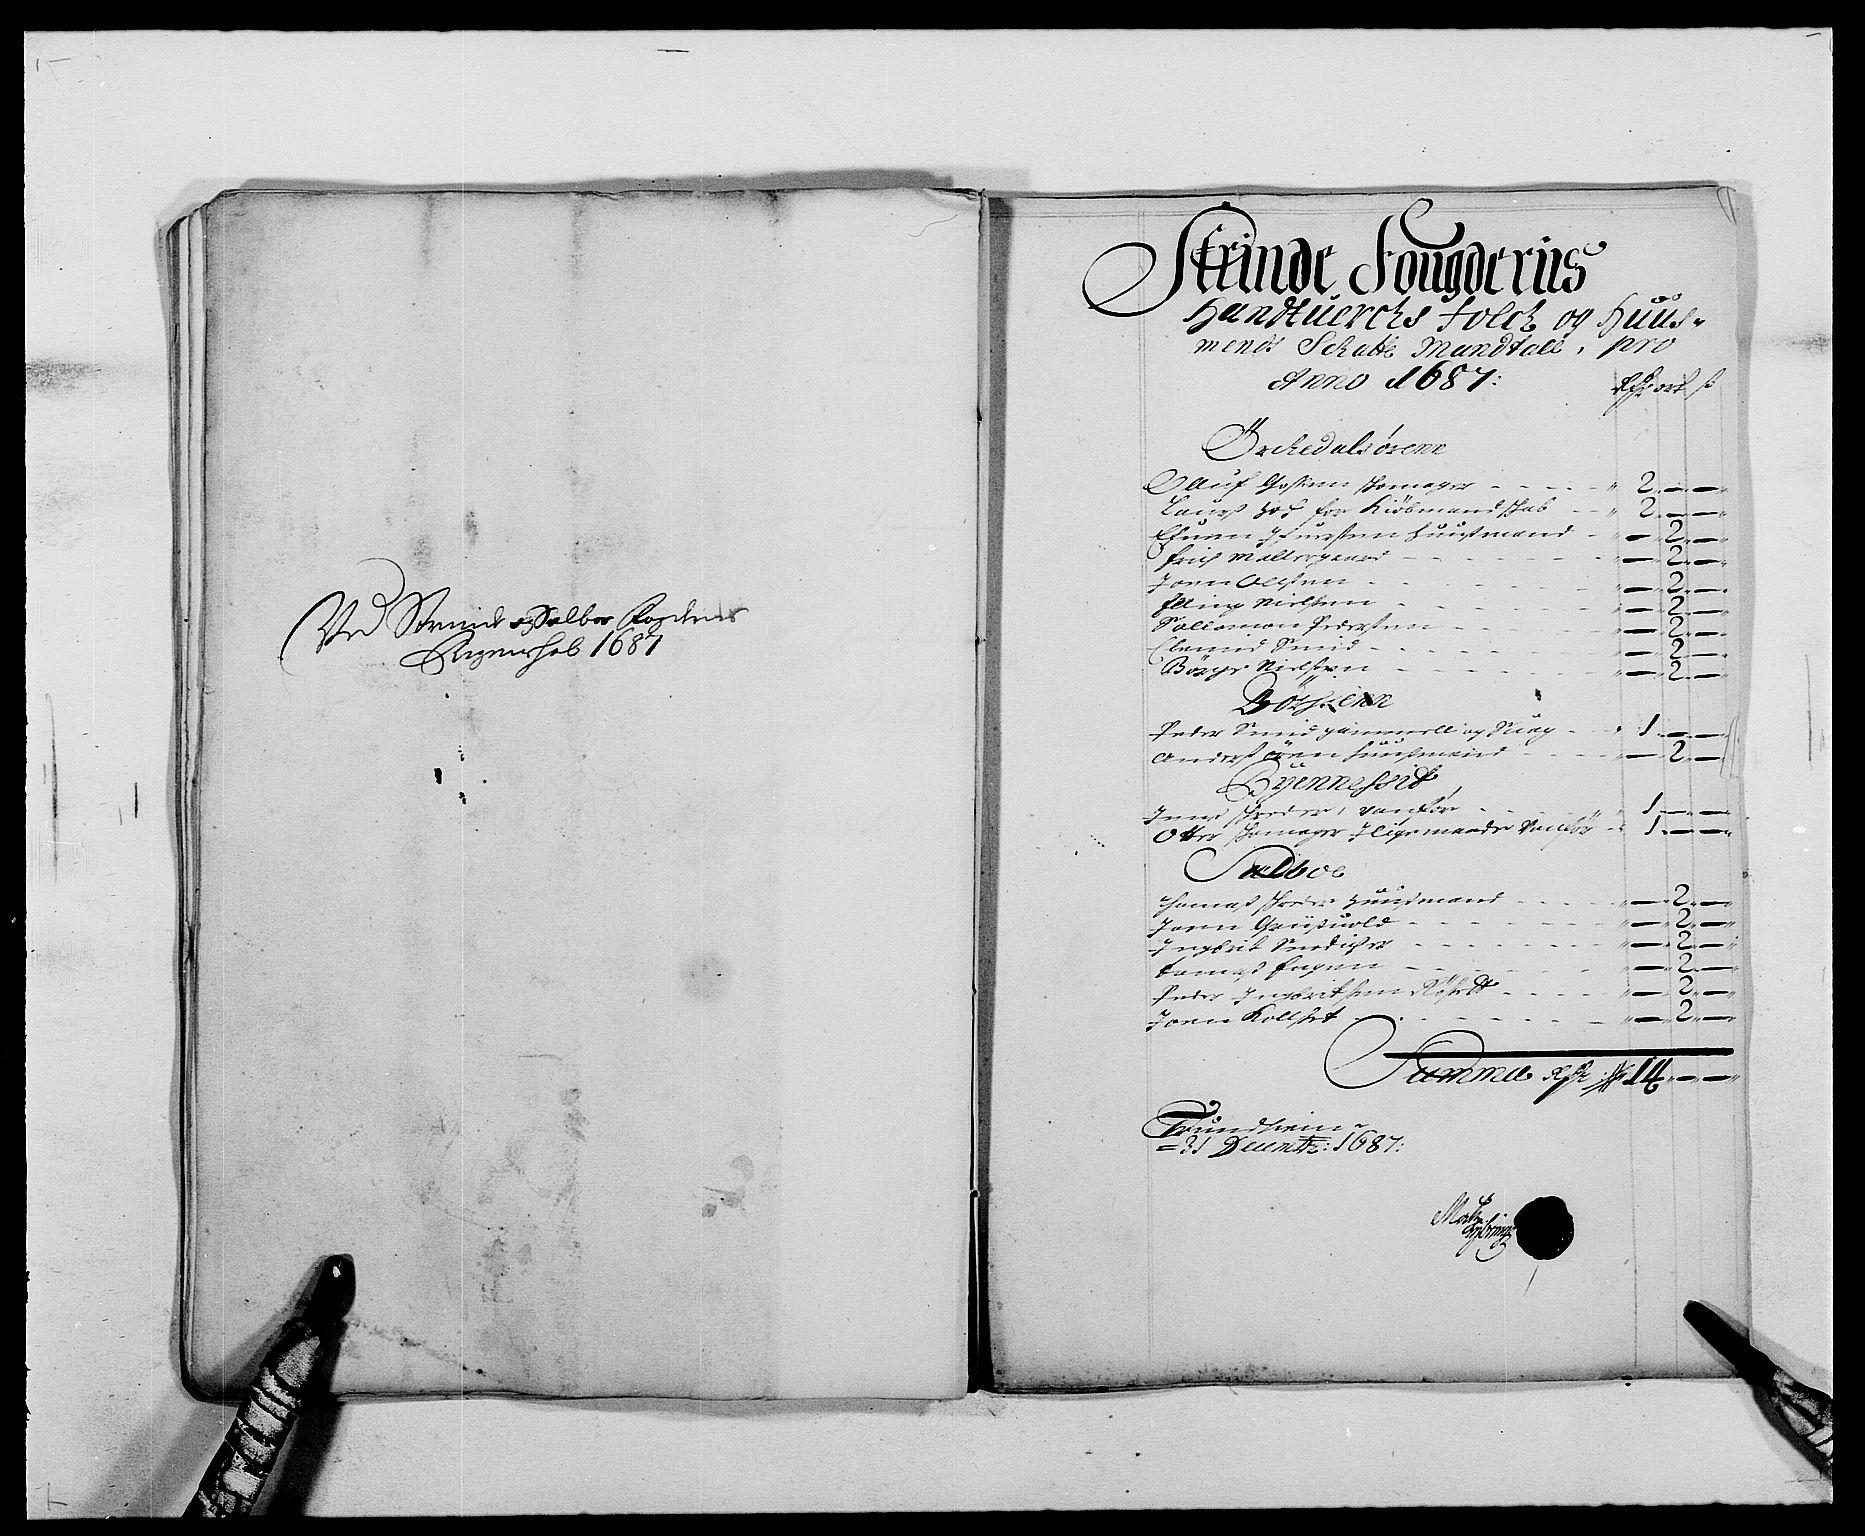 RA, Rentekammeret inntil 1814, Reviderte regnskaper, Fogderegnskap, R61/L4101: Fogderegnskap Strinda og Selbu, 1687-1688, s. 58